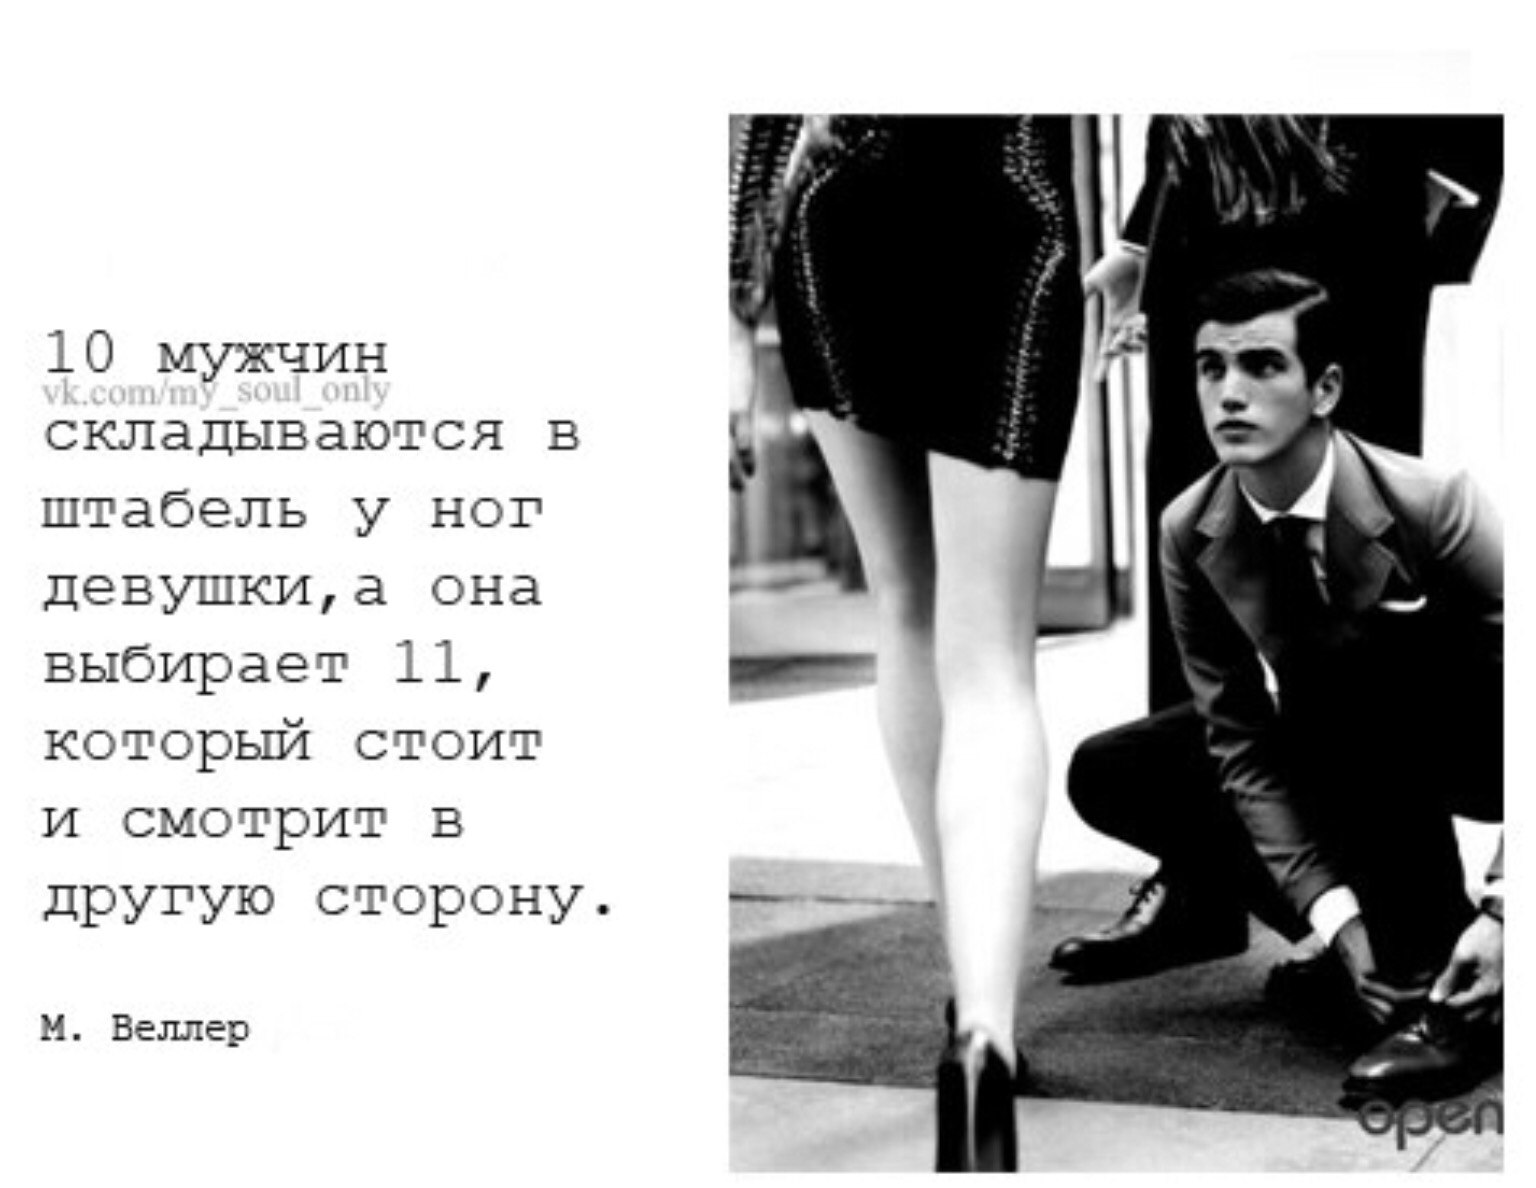 リプニツカヤに関するものを翻訳するスレ [無断転載禁止]©2ch.net YouTube動画>17本 ->画像>273枚